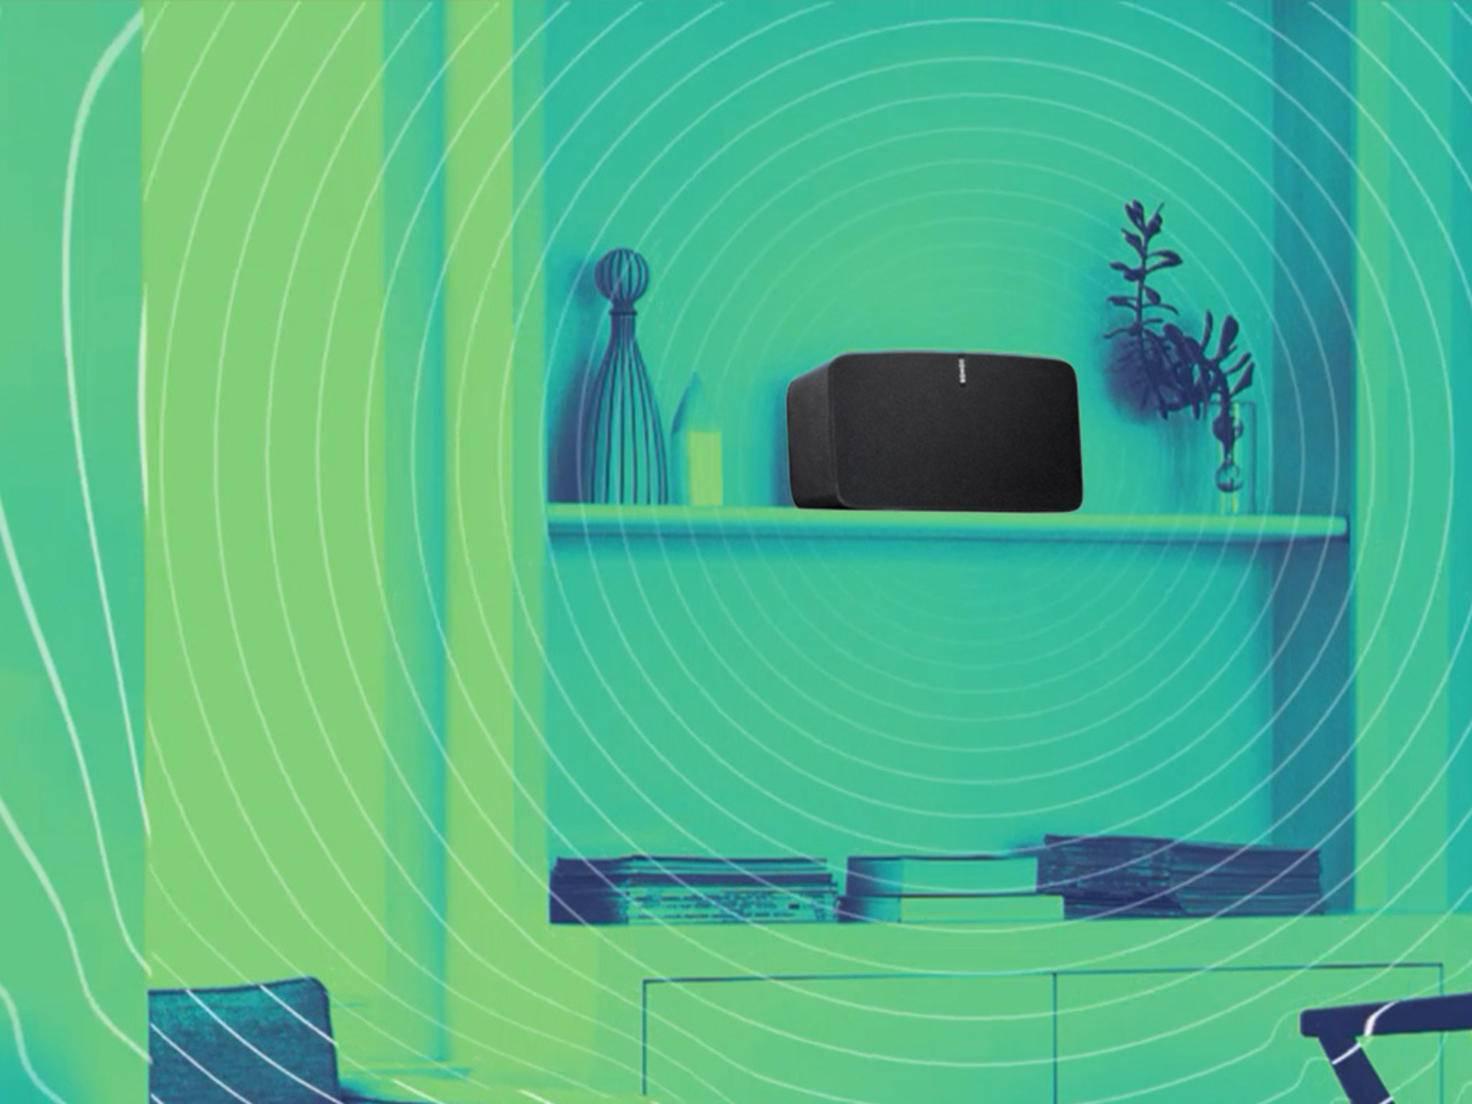 Die Software ermöglicht eine individuelle Anpassung an den jeweiligen Raum.